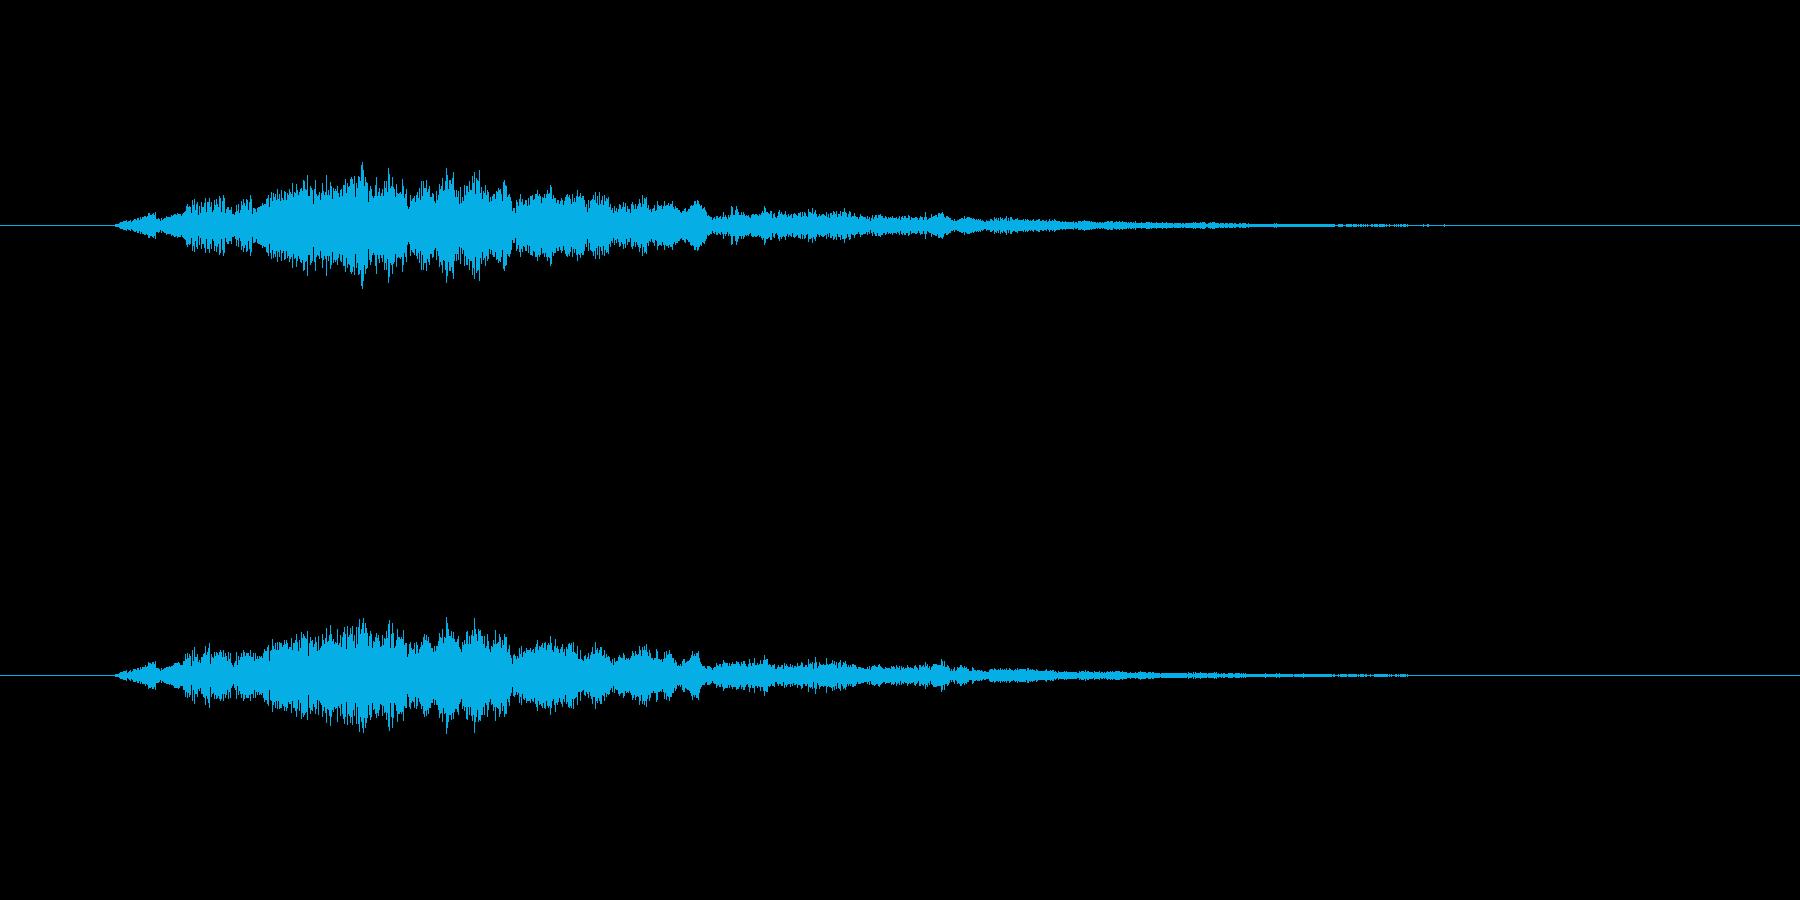 【サイバー09-1】の再生済みの波形